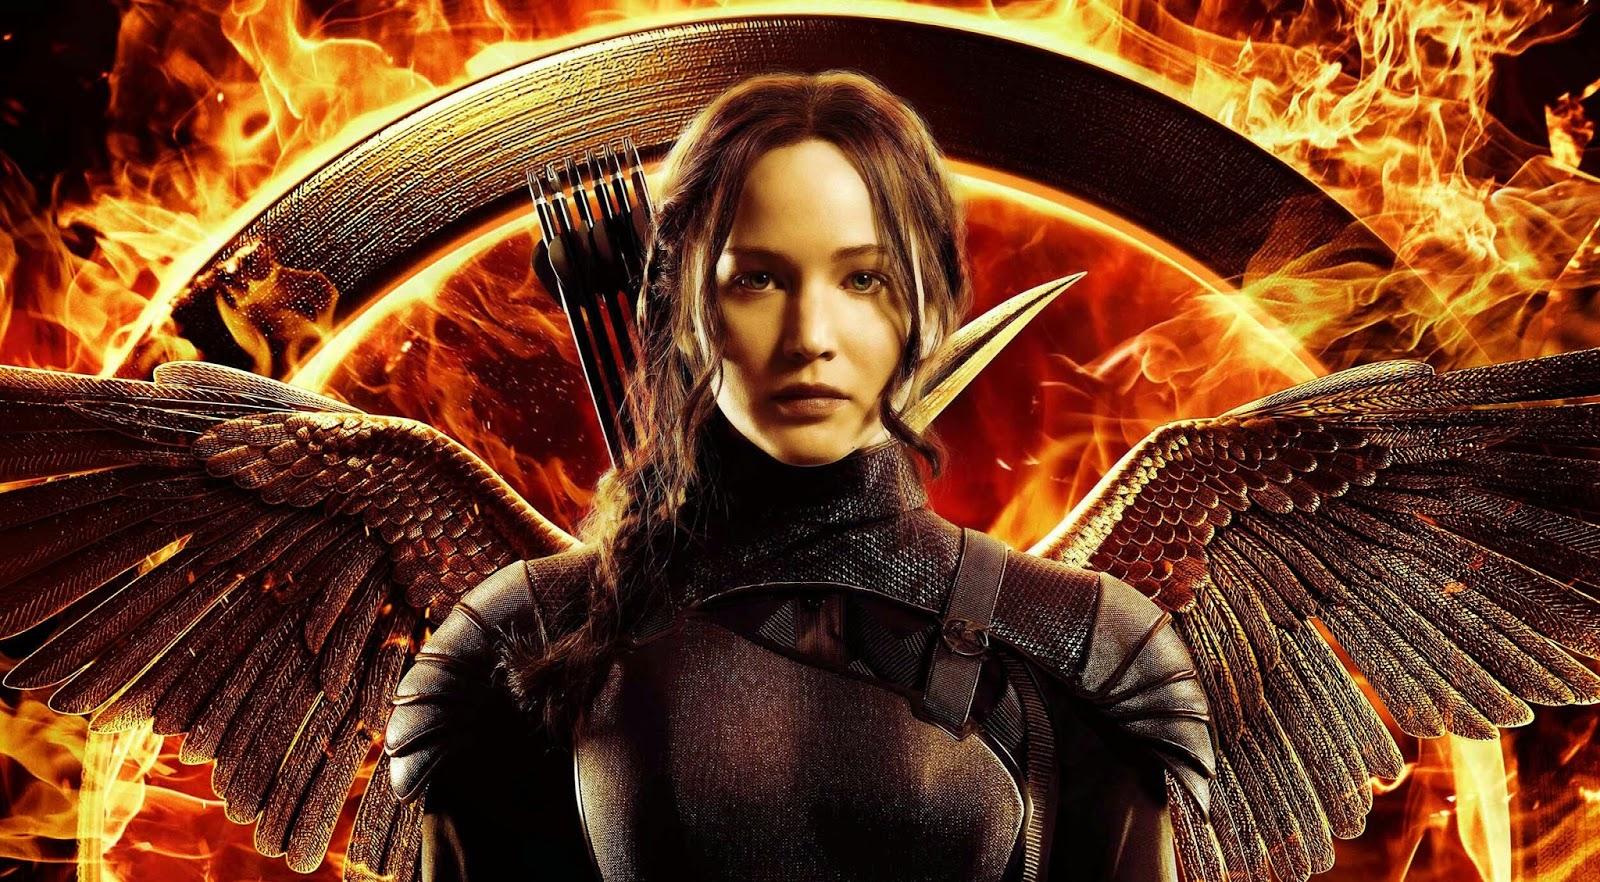 tmp_25968-katniss-everdeen-hunger-games-3-teaser-trailer-poster-officiel-1-1181063768